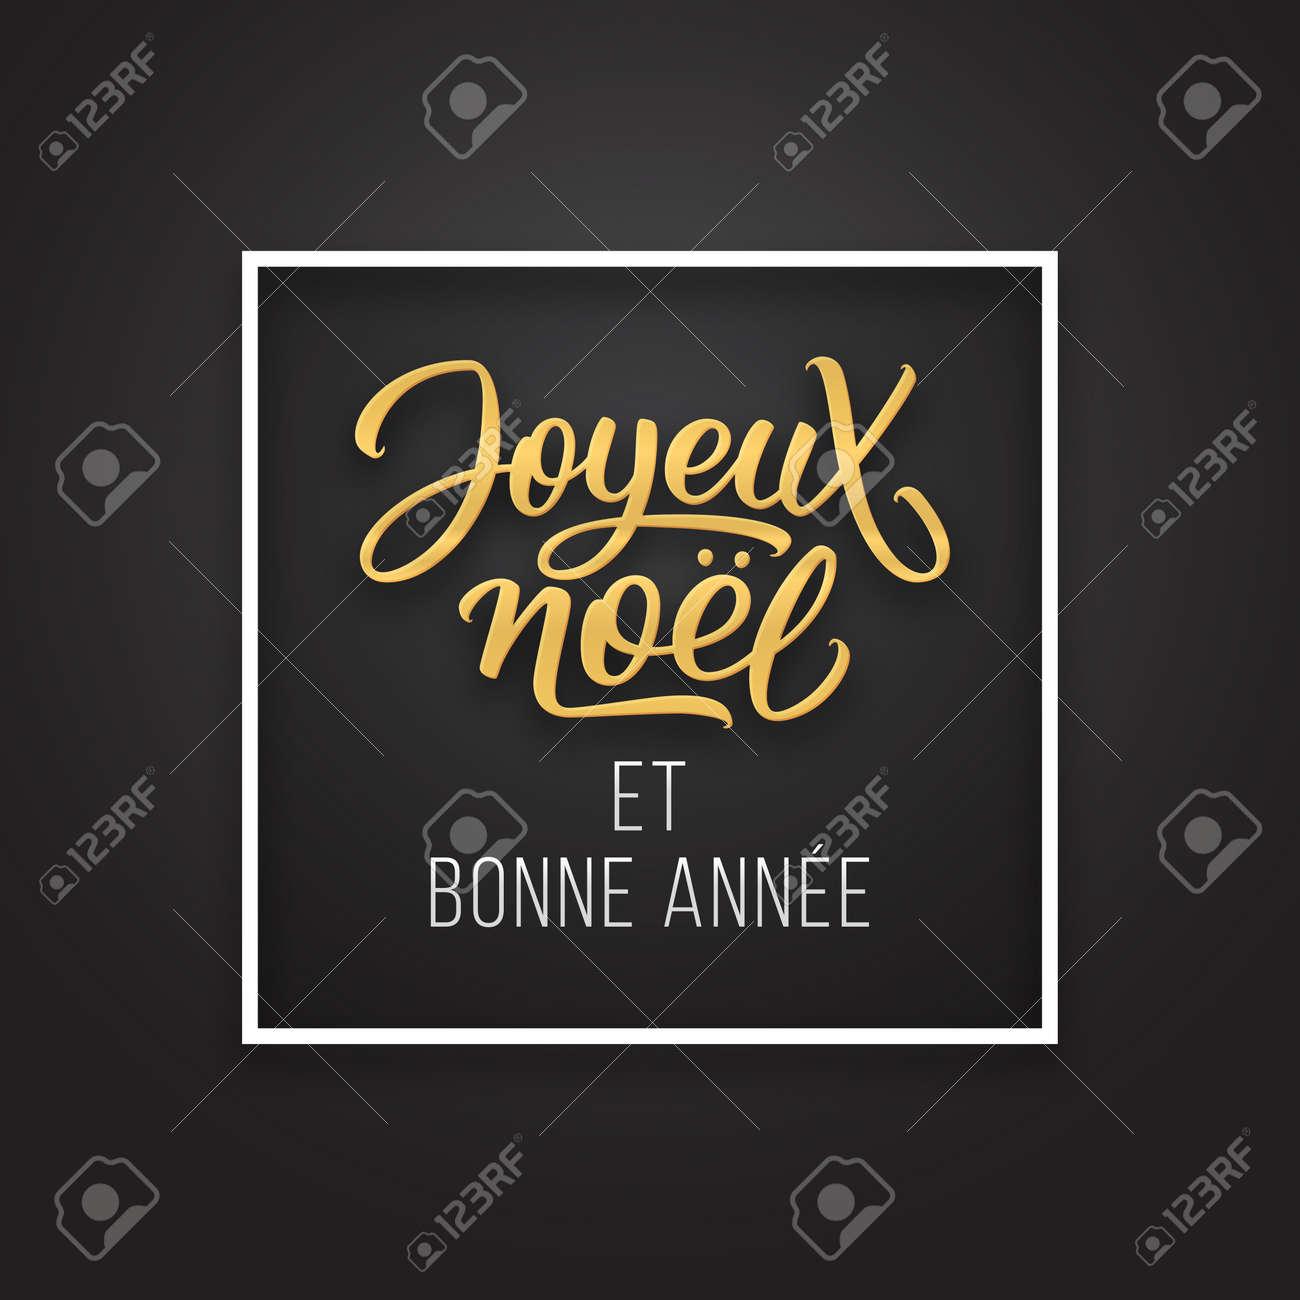 Photos De Joyeux Noel Et Bonne Annee.Joyeux Noel Et Bonne Annee Greetings On French In Frame On Luxury